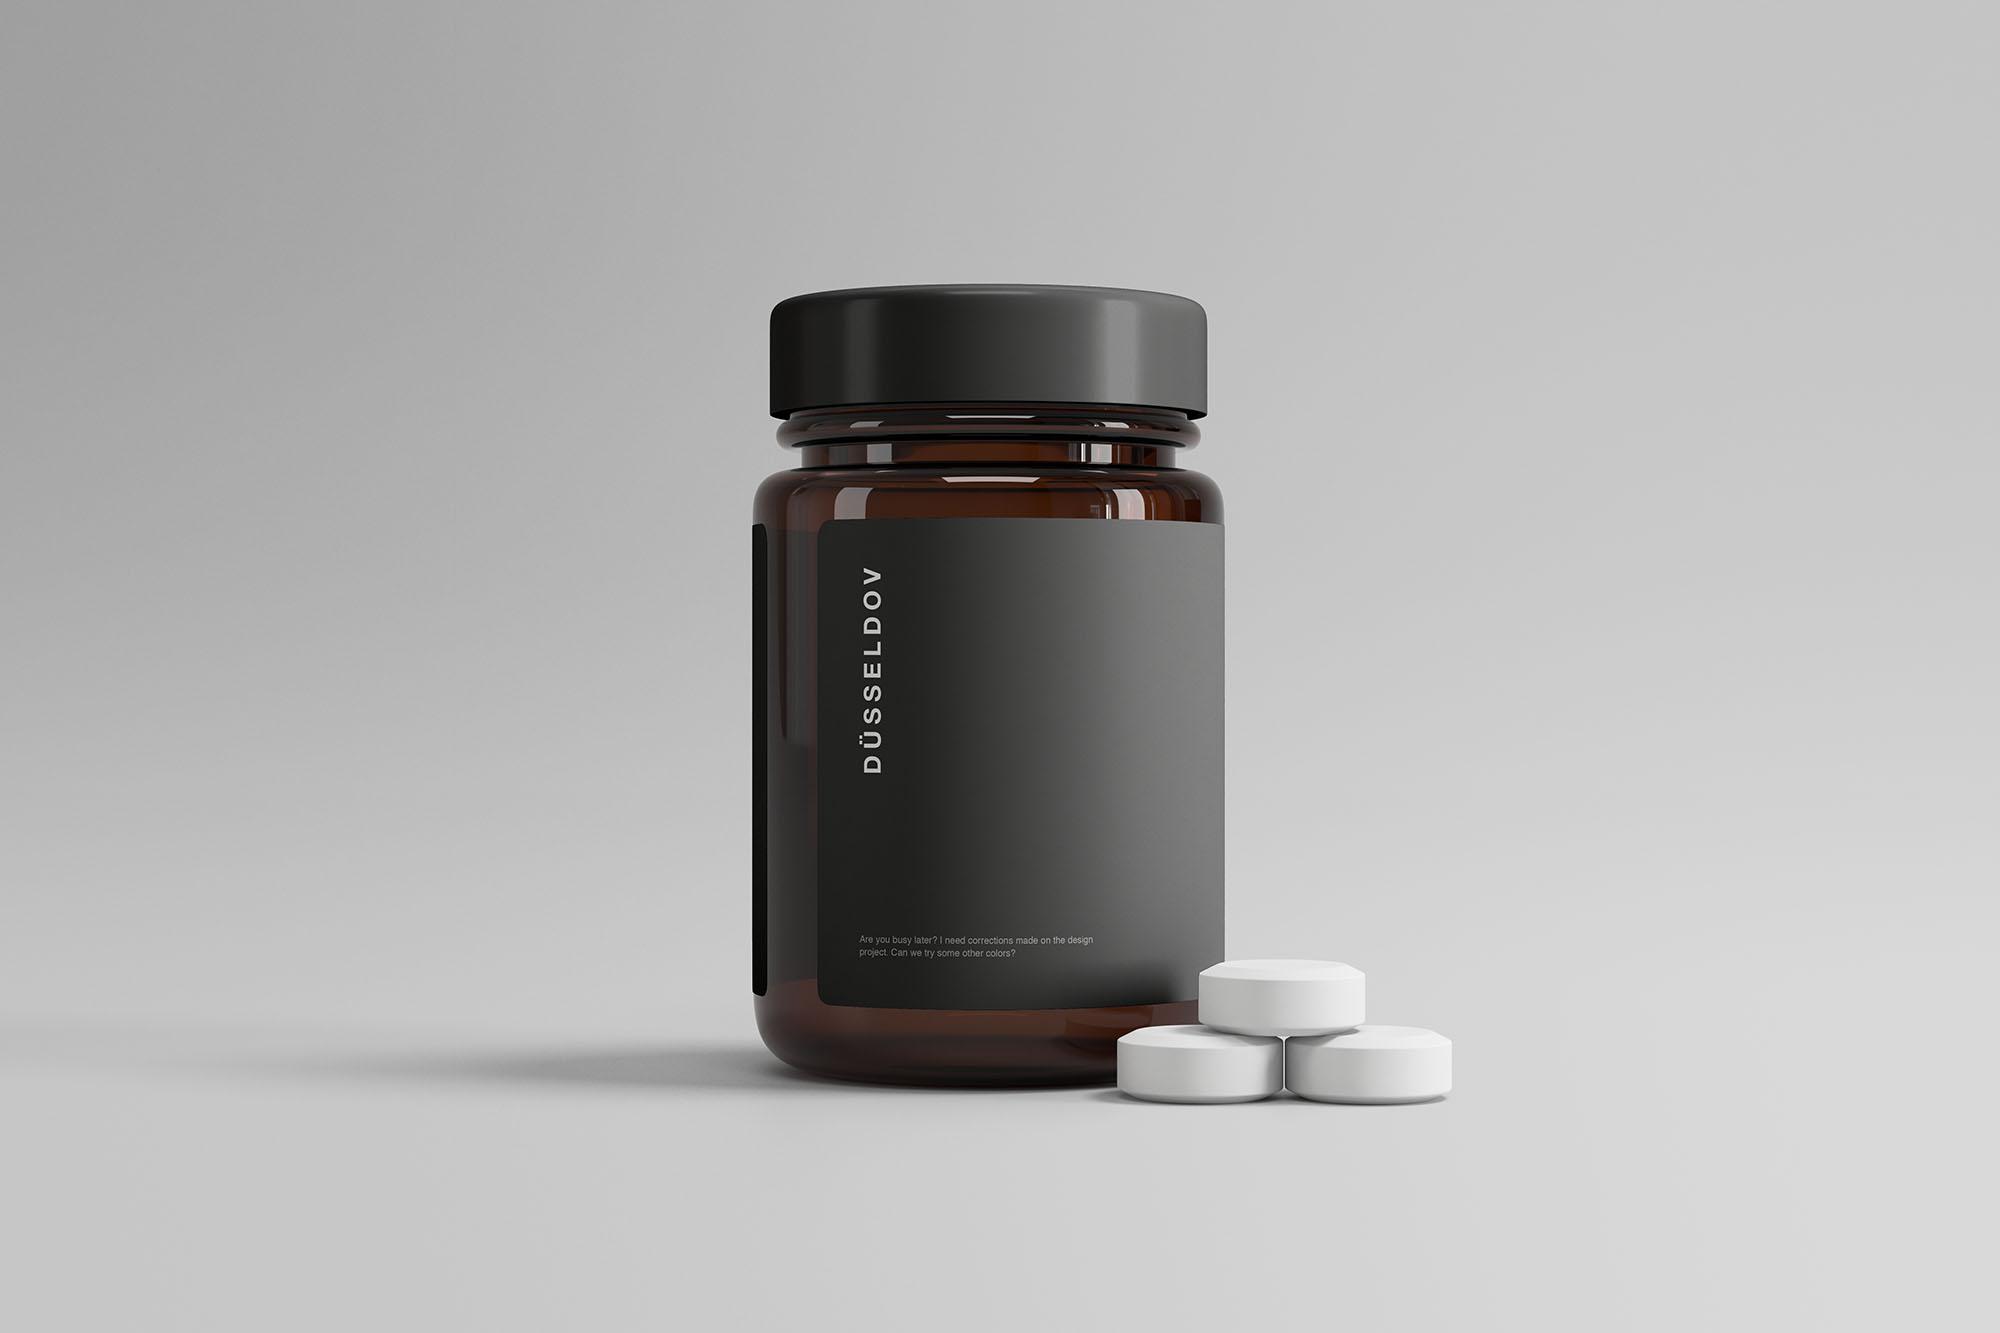 Medicine Bottle with Pills Mockup